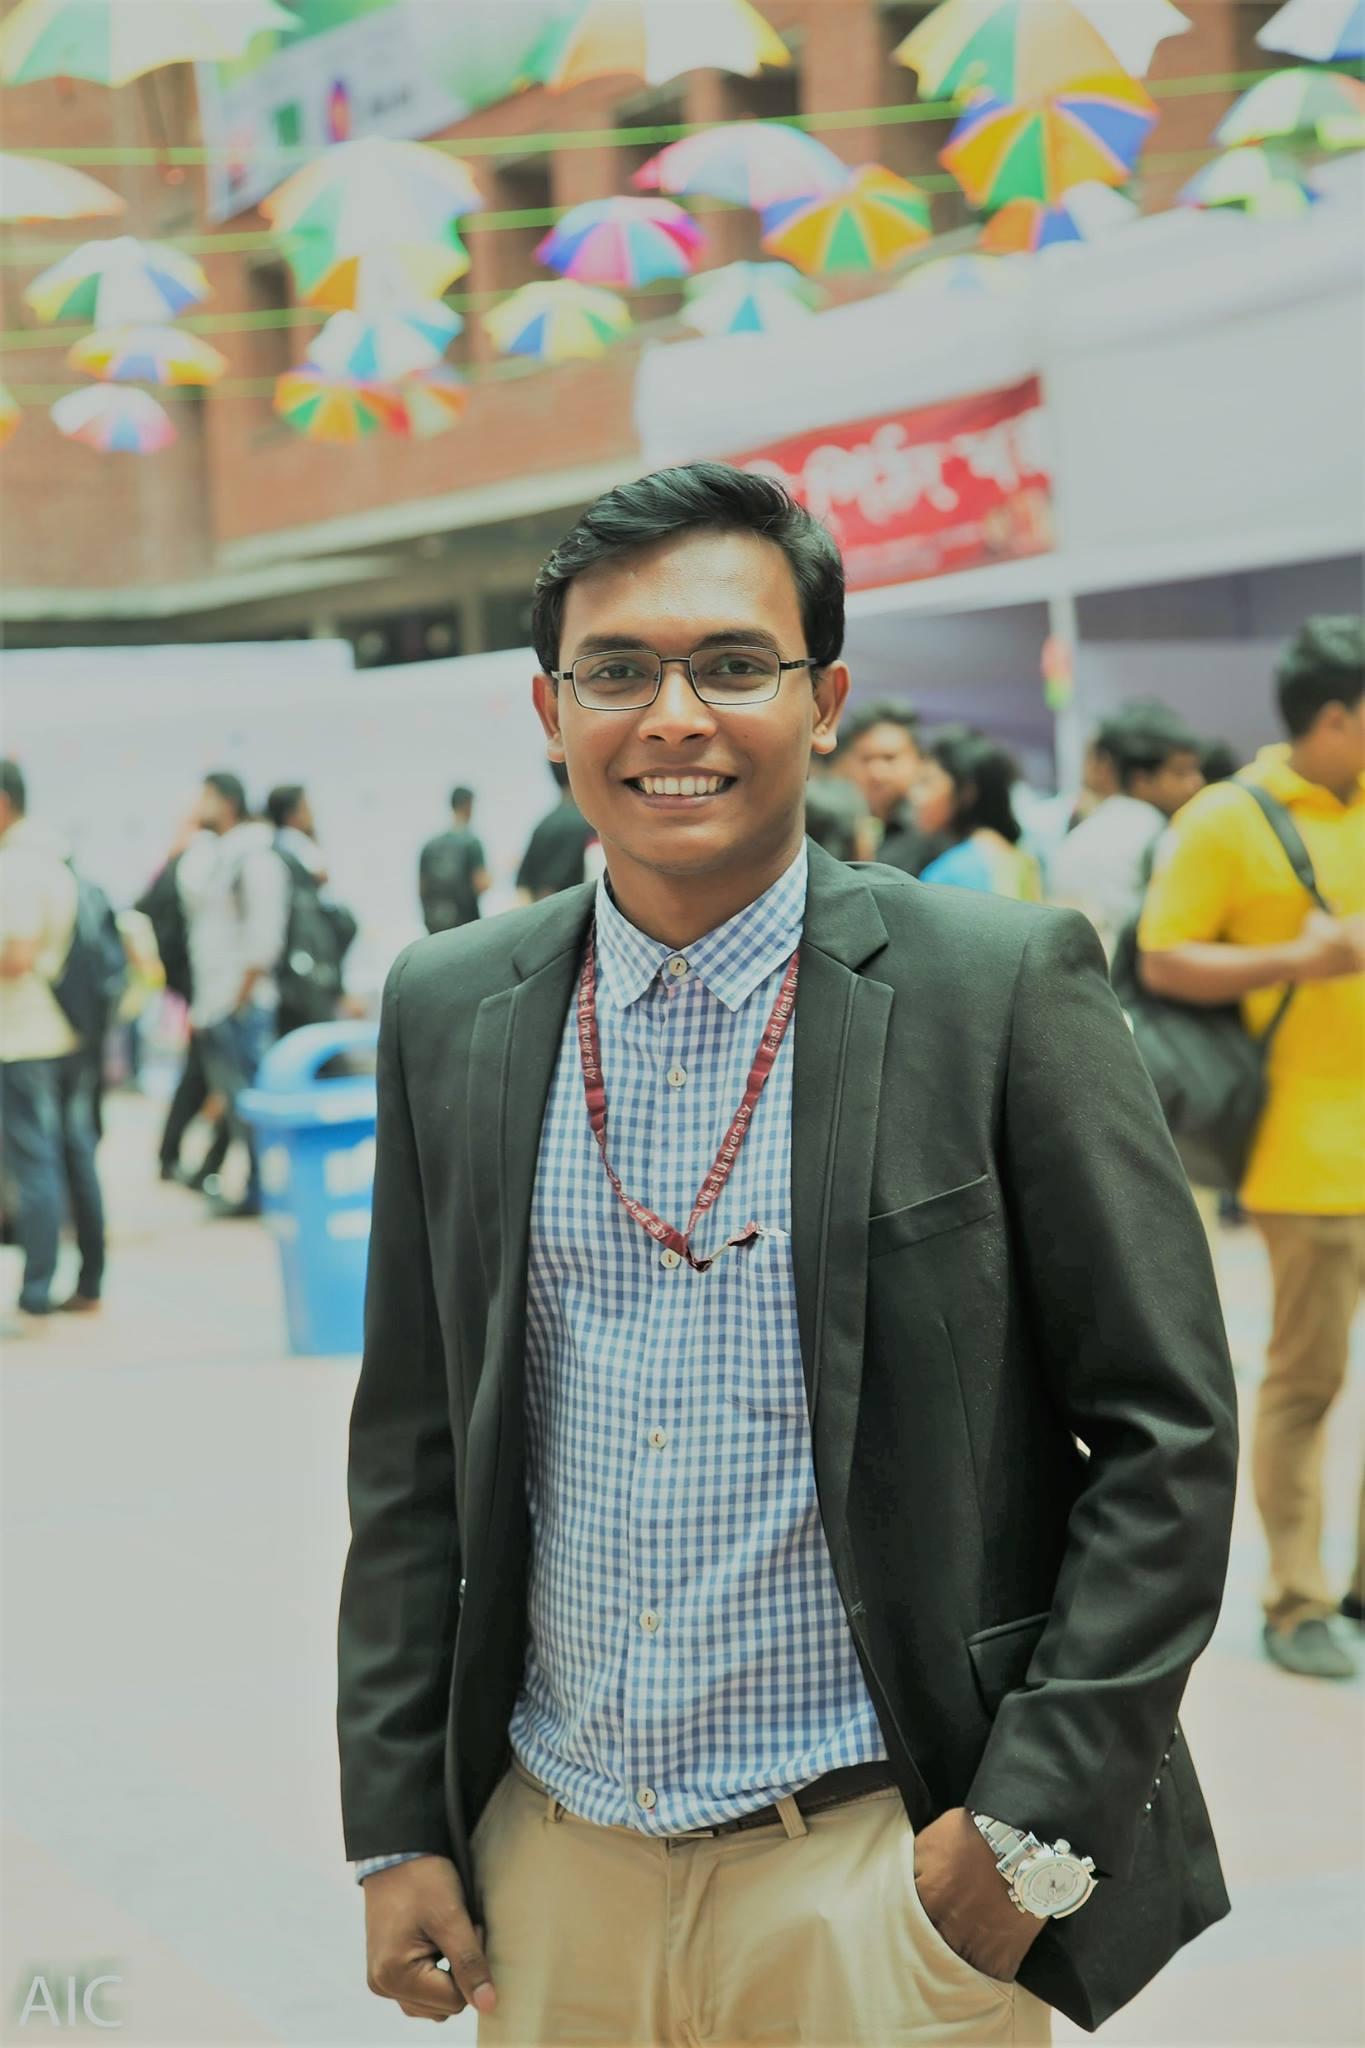 Kazi Md. Farhad Mahmud